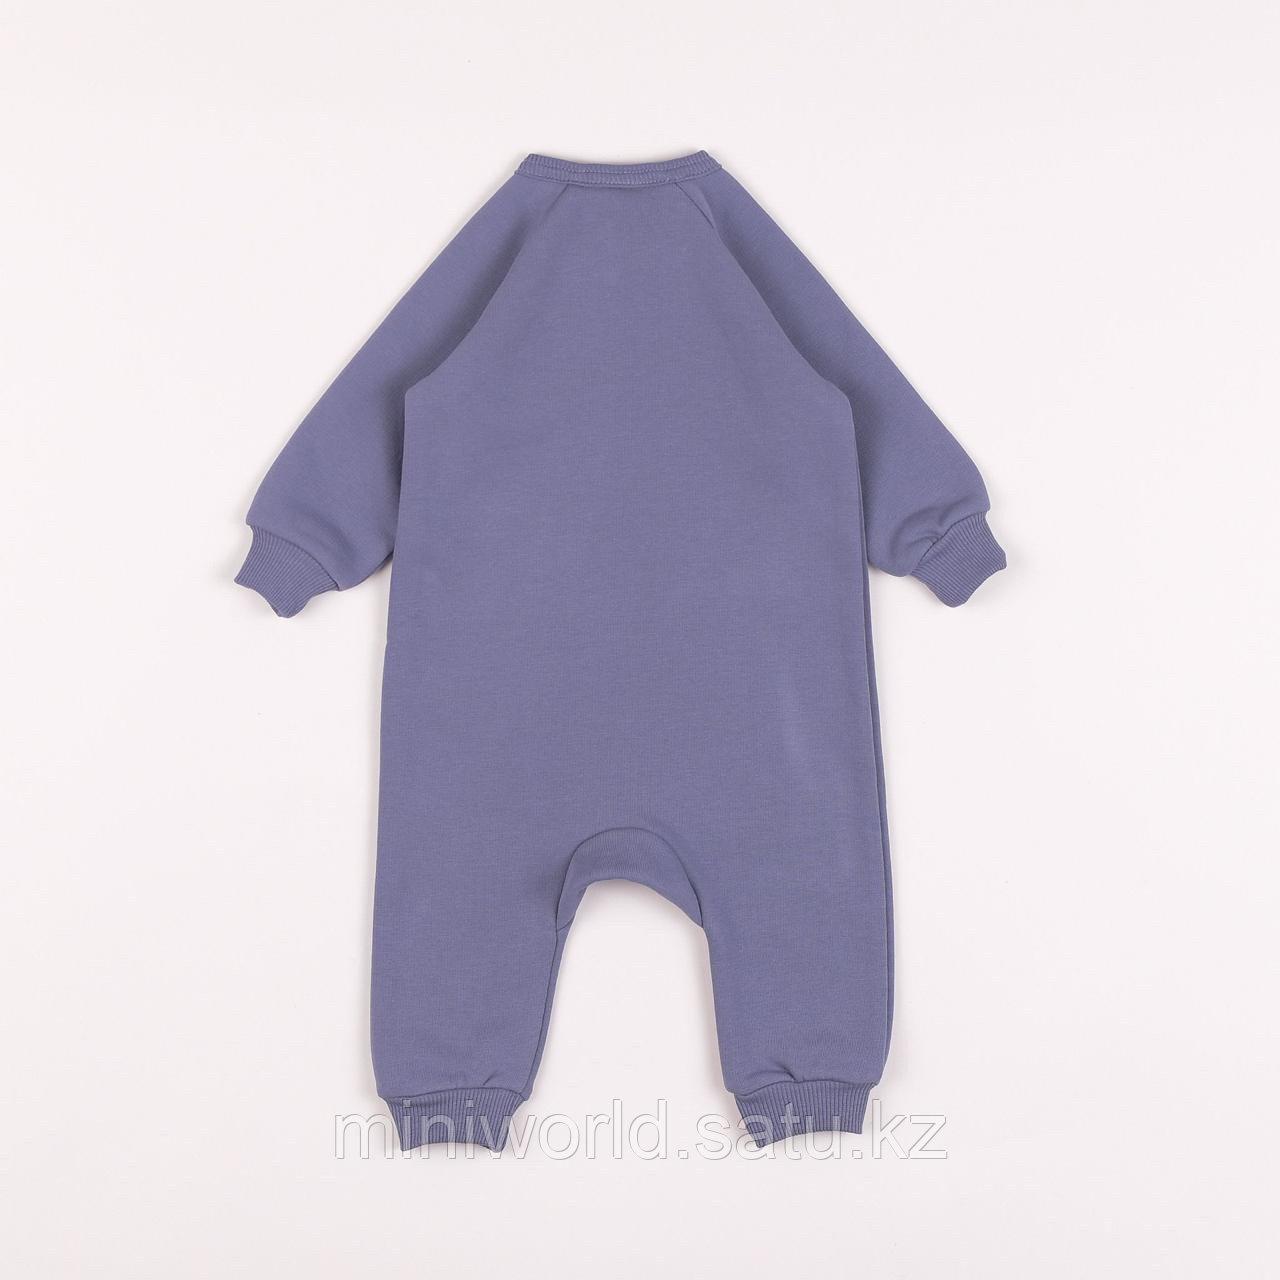 Комбинезон для малышей от Bungly Boo - фото 4